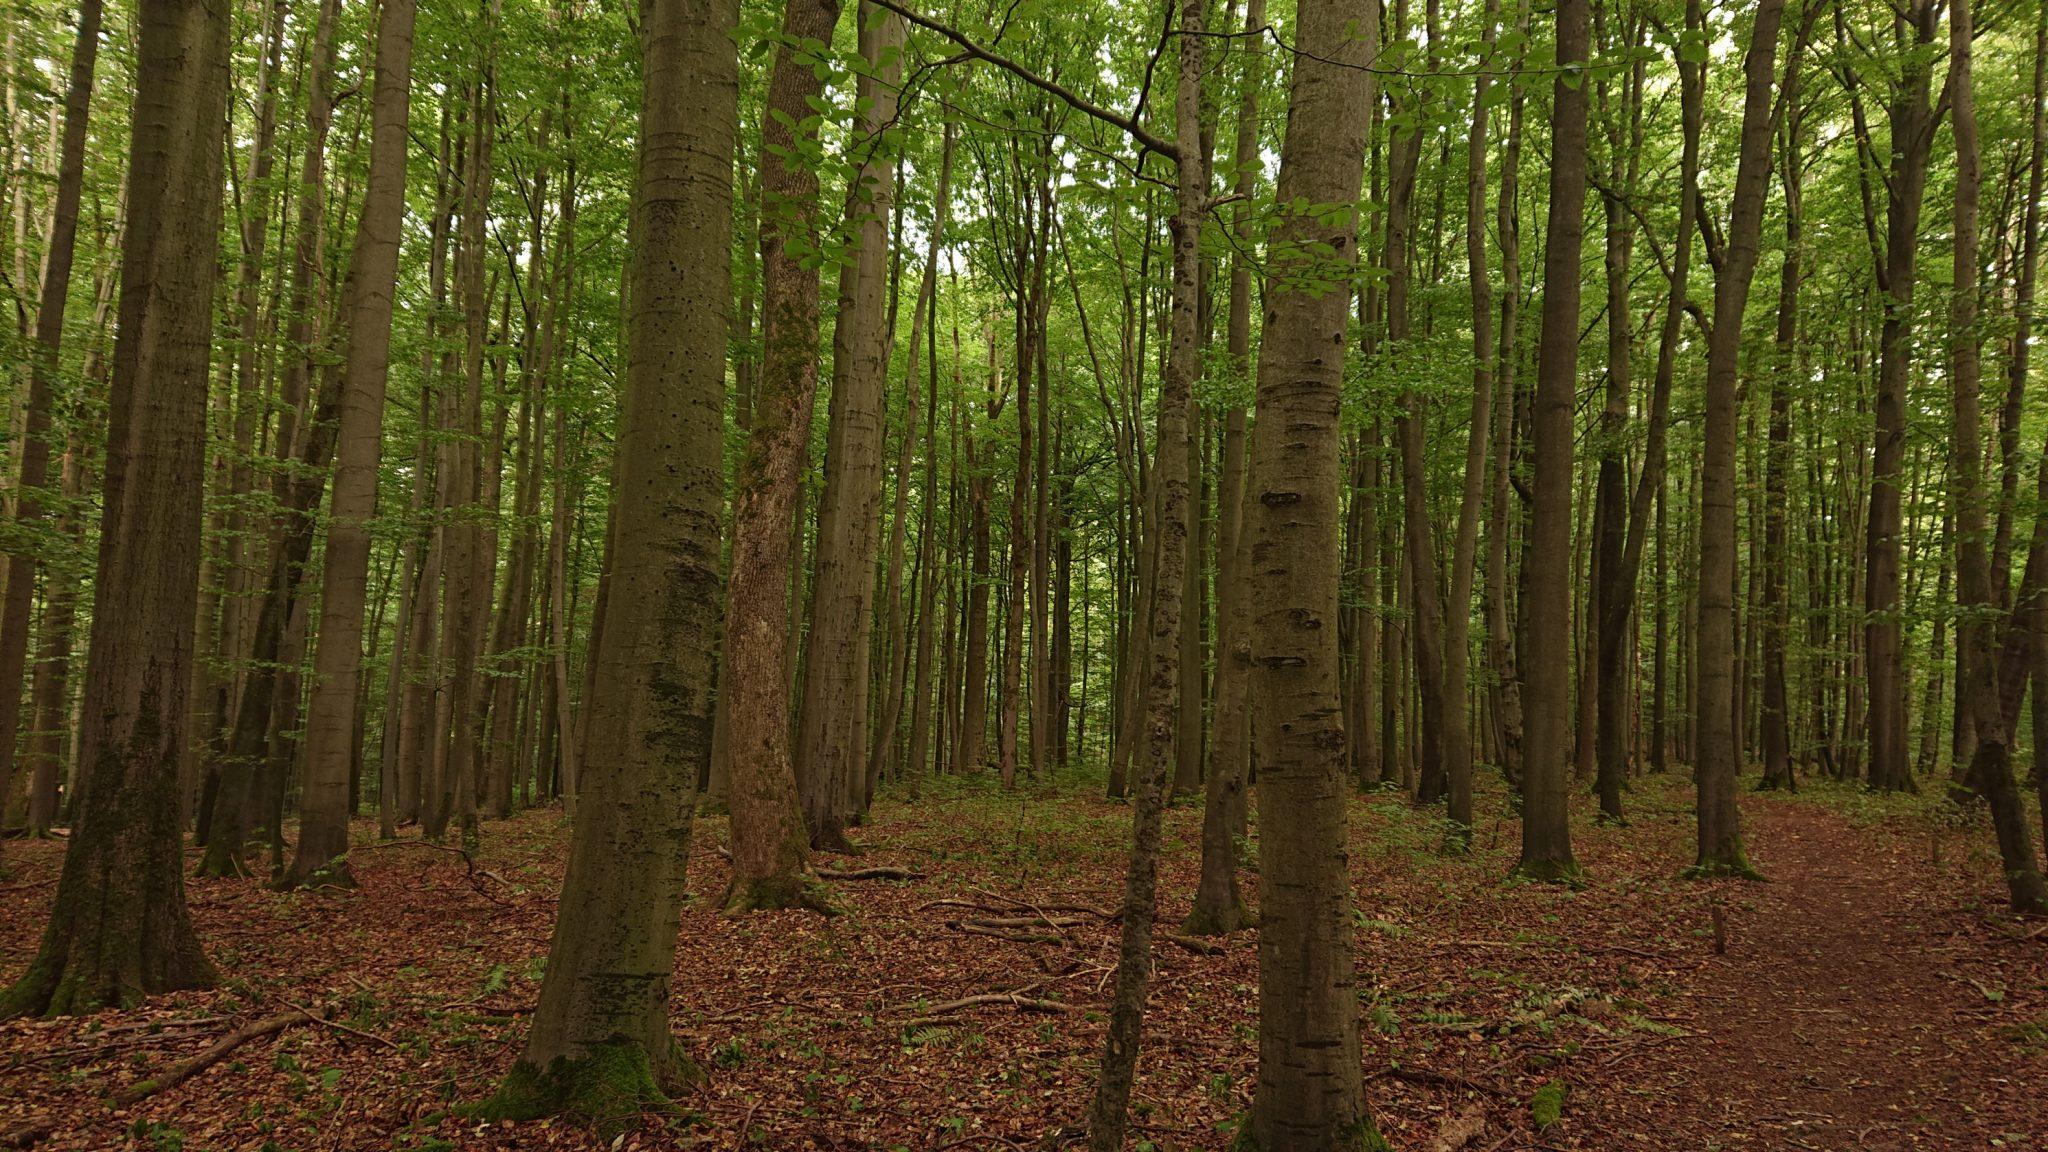 Nationalpark Hainich Saugrabenweg und Betteleichenweg wandern, dichter, ursprünglicher Buchenwald, tolle Atmosphäre, schmaler Pfad